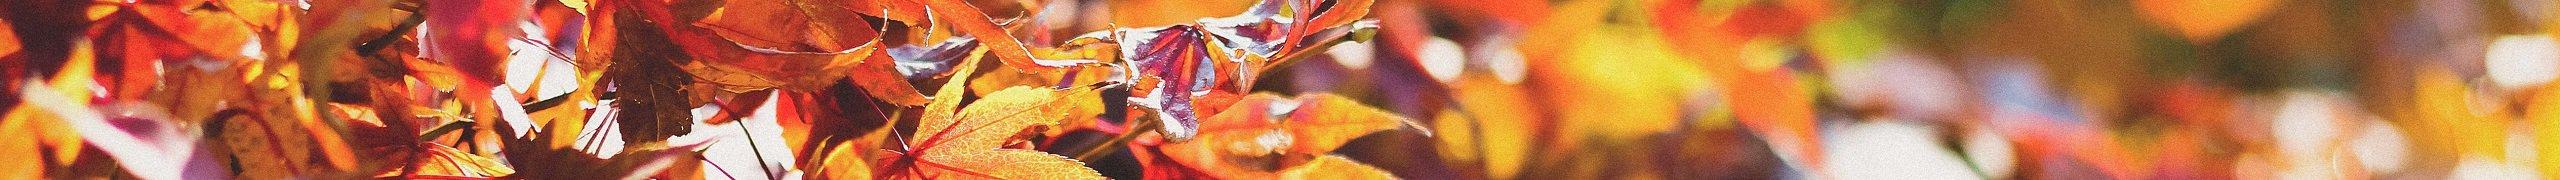 Akciós wellness ajánlatok az Őszi szünet idejére